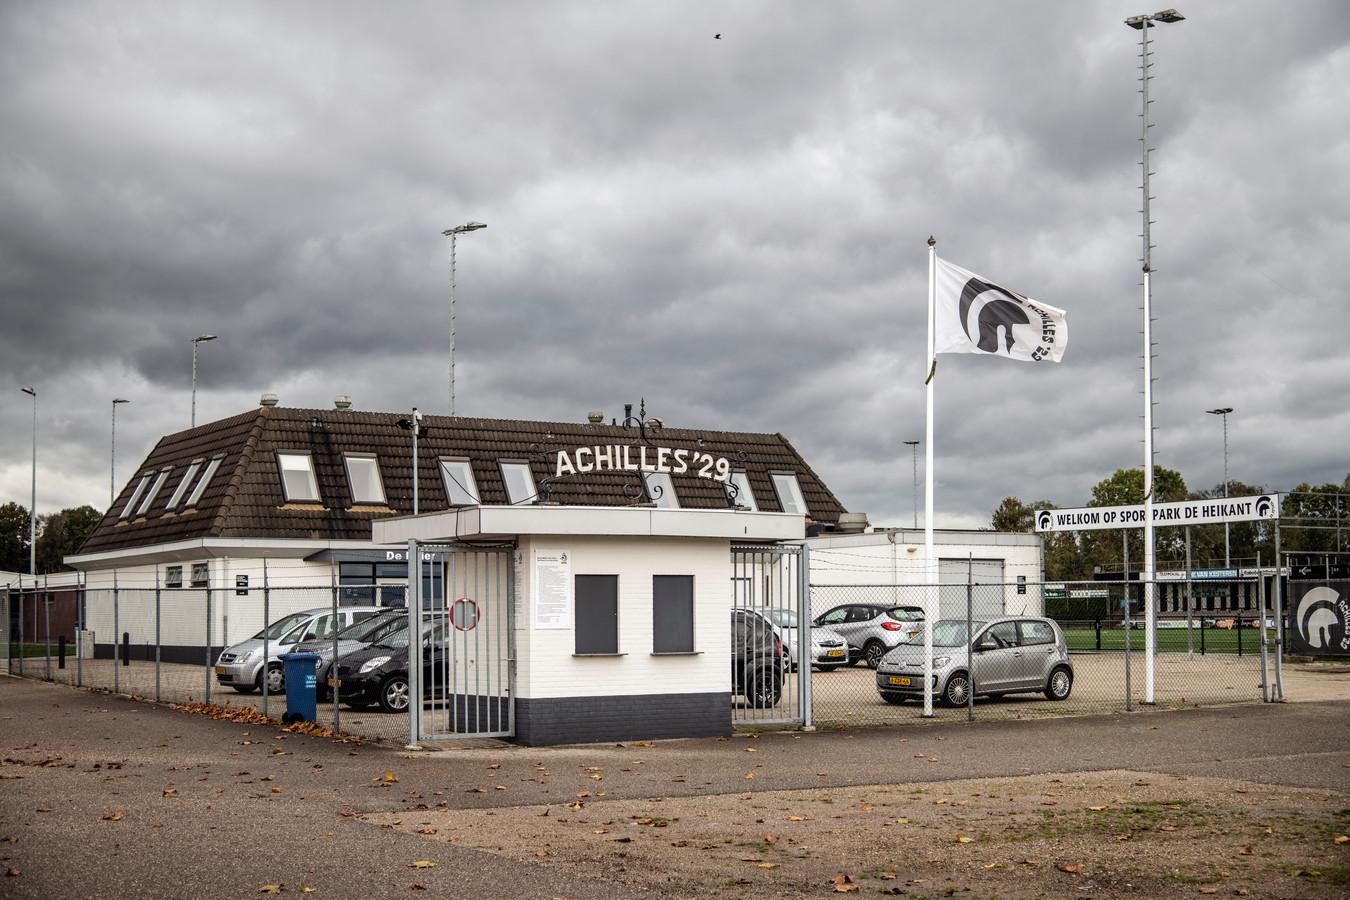 Achilles'29 had negentig jaar lang een eigen onderkomen op sportpark De Heikant. De club raakte dat kwijt na een conflict met de familie Derks (complexeigenaren). Sinds november speelt de Groesbeekse hoofdklasser op het complex van dorpsgenoot Germania.